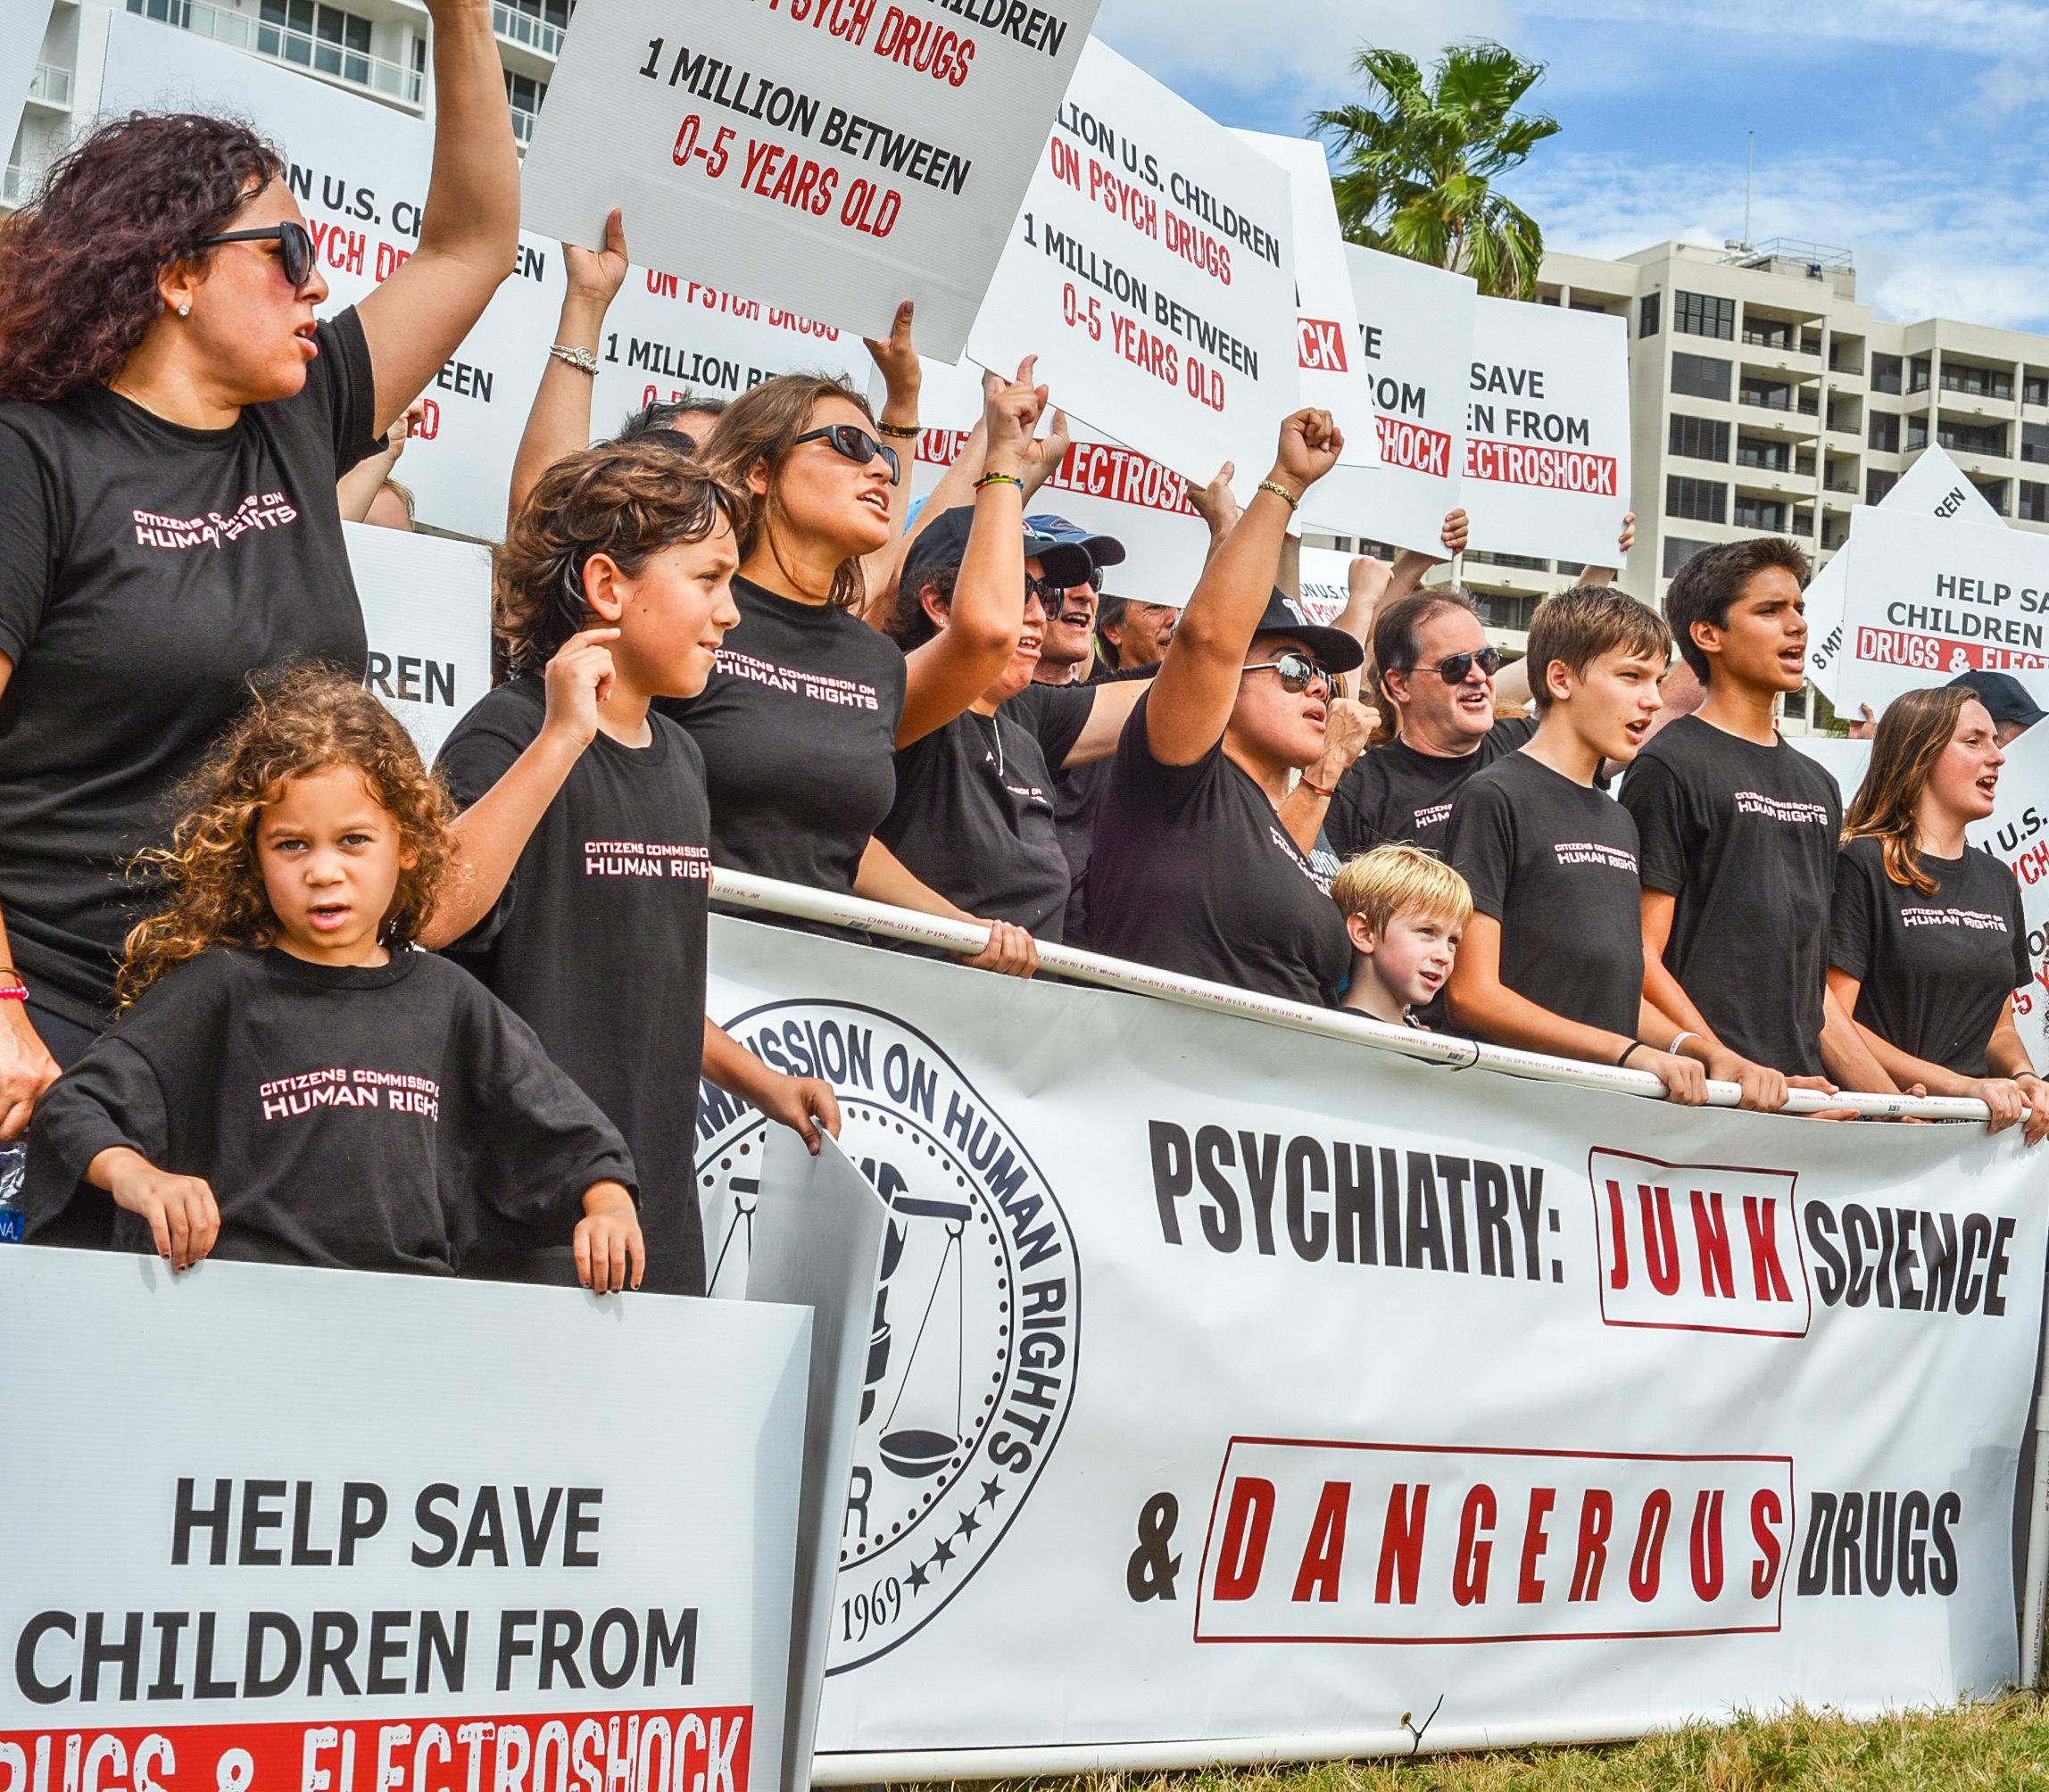 CCHR protestuje proti psychiatrickému drogování kojenců a vzdělává návštěvníky výstavy o  psychiatrii: Muzeum průmyslu smrti na North Fort Harrison Avenue